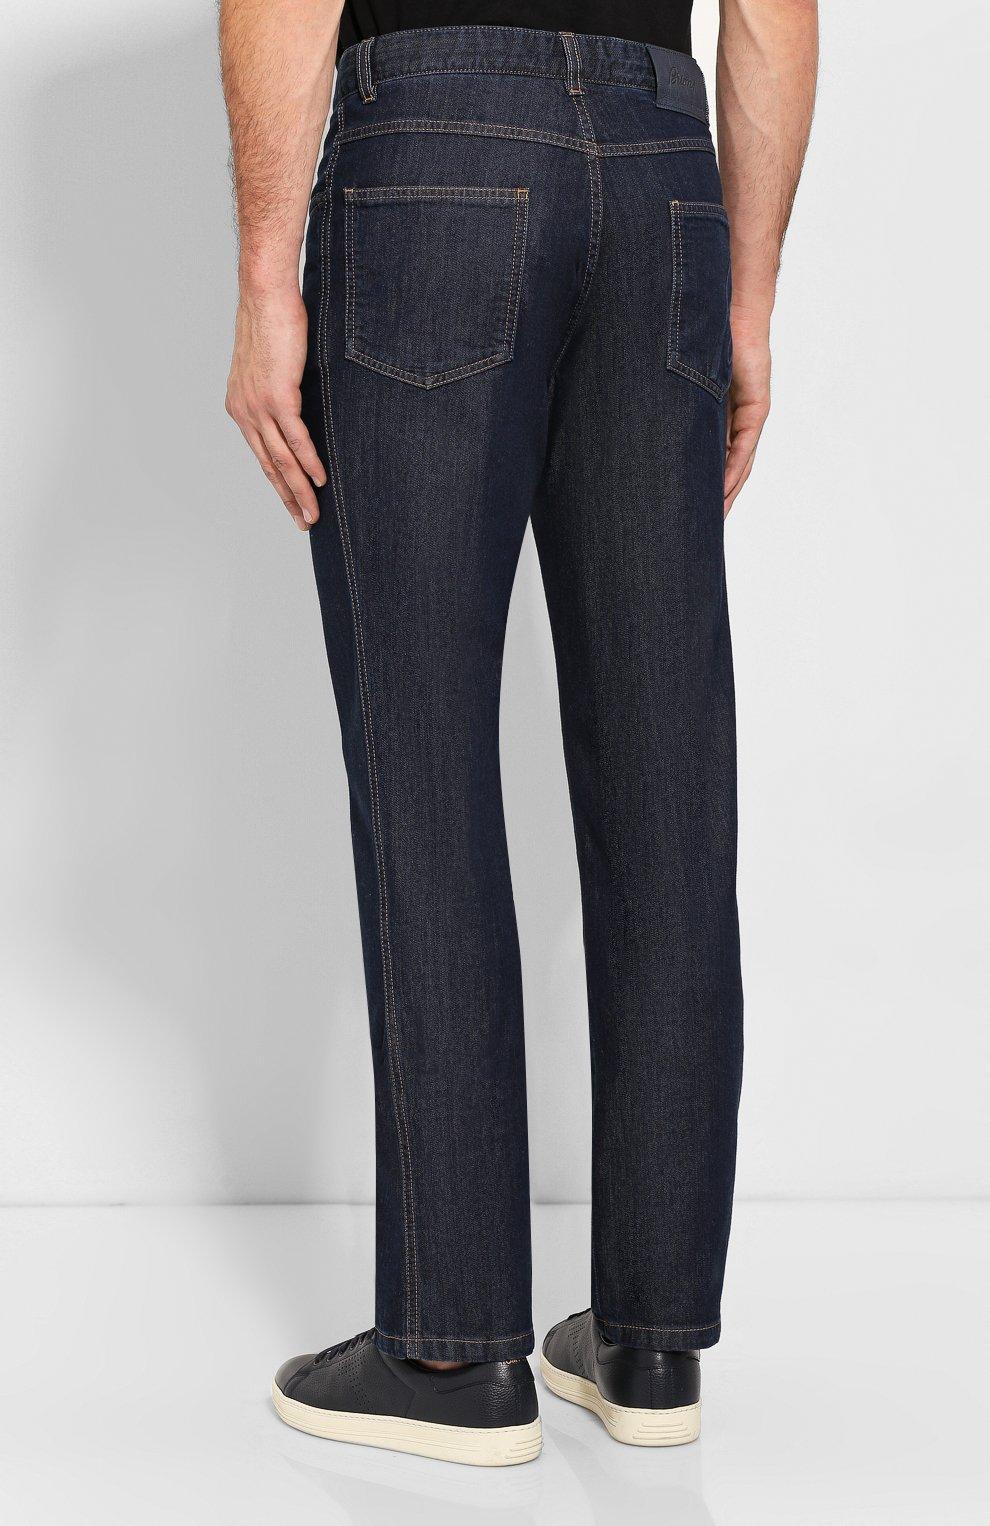 Мужские джинсы BRIONI темно-синего цвета, арт. SPNJ00/08D25/STELVI0/SMER | Фото 4